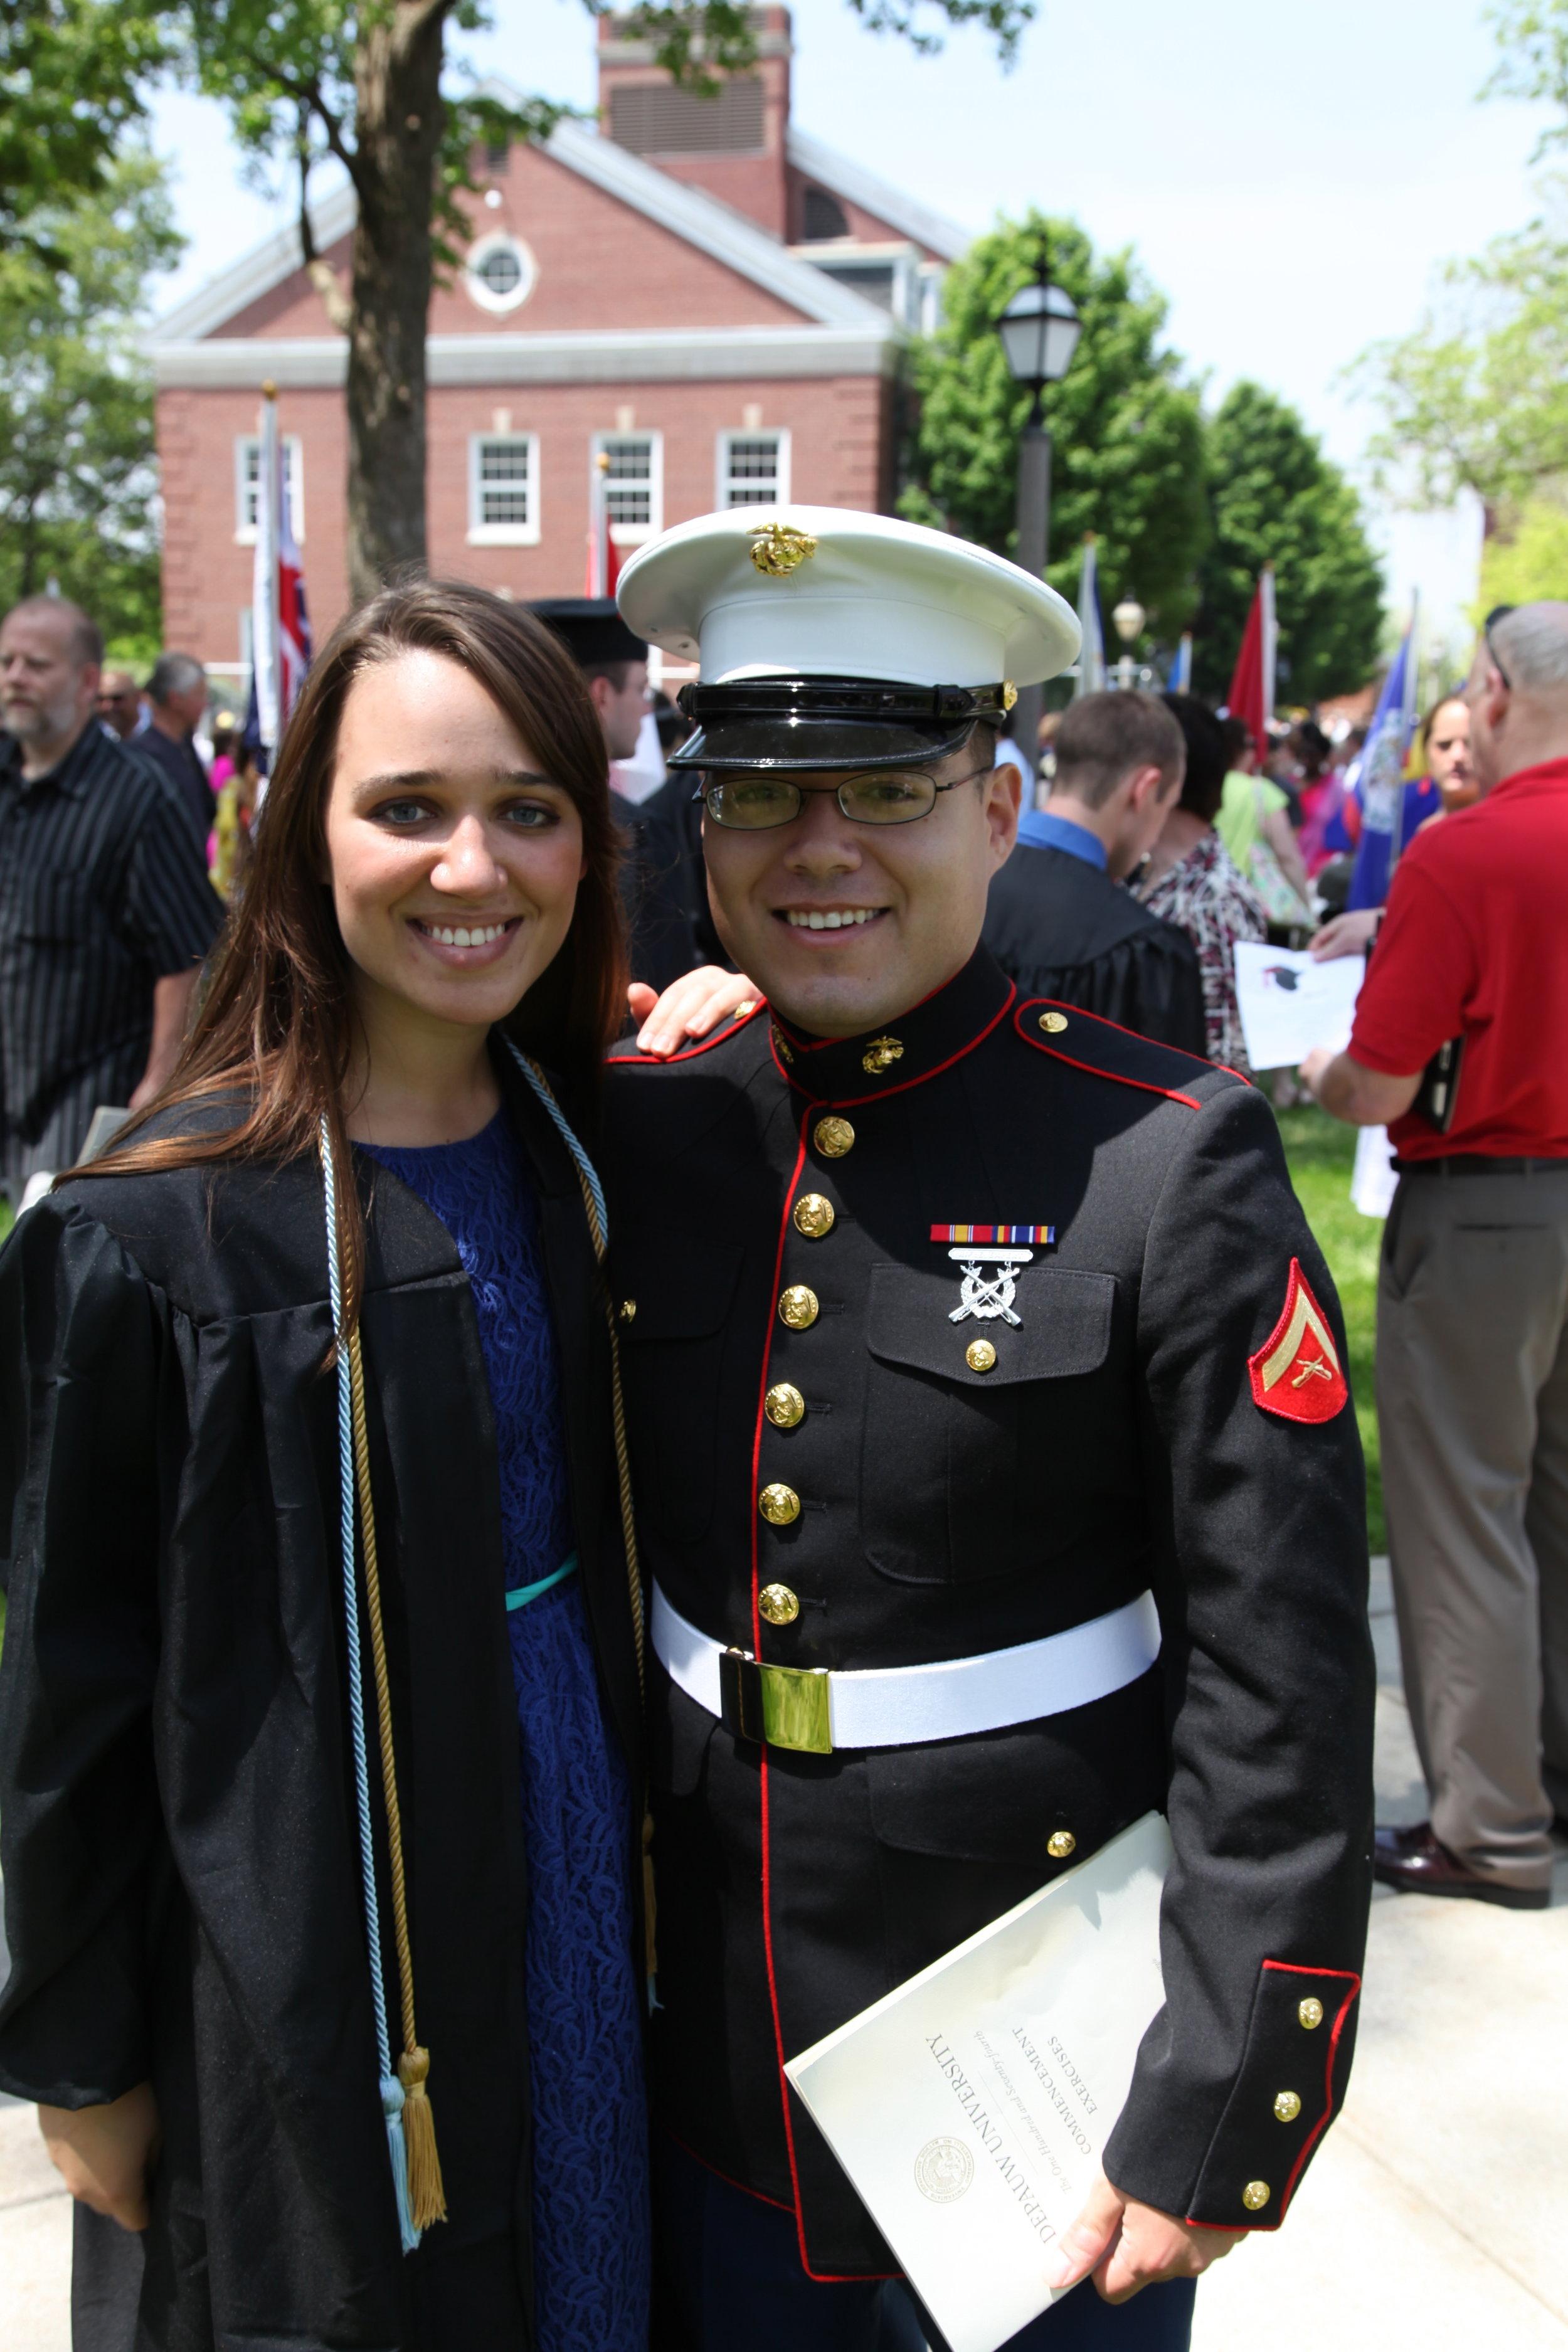 19 May 2013, DePauw University. Amanda's Graduation.